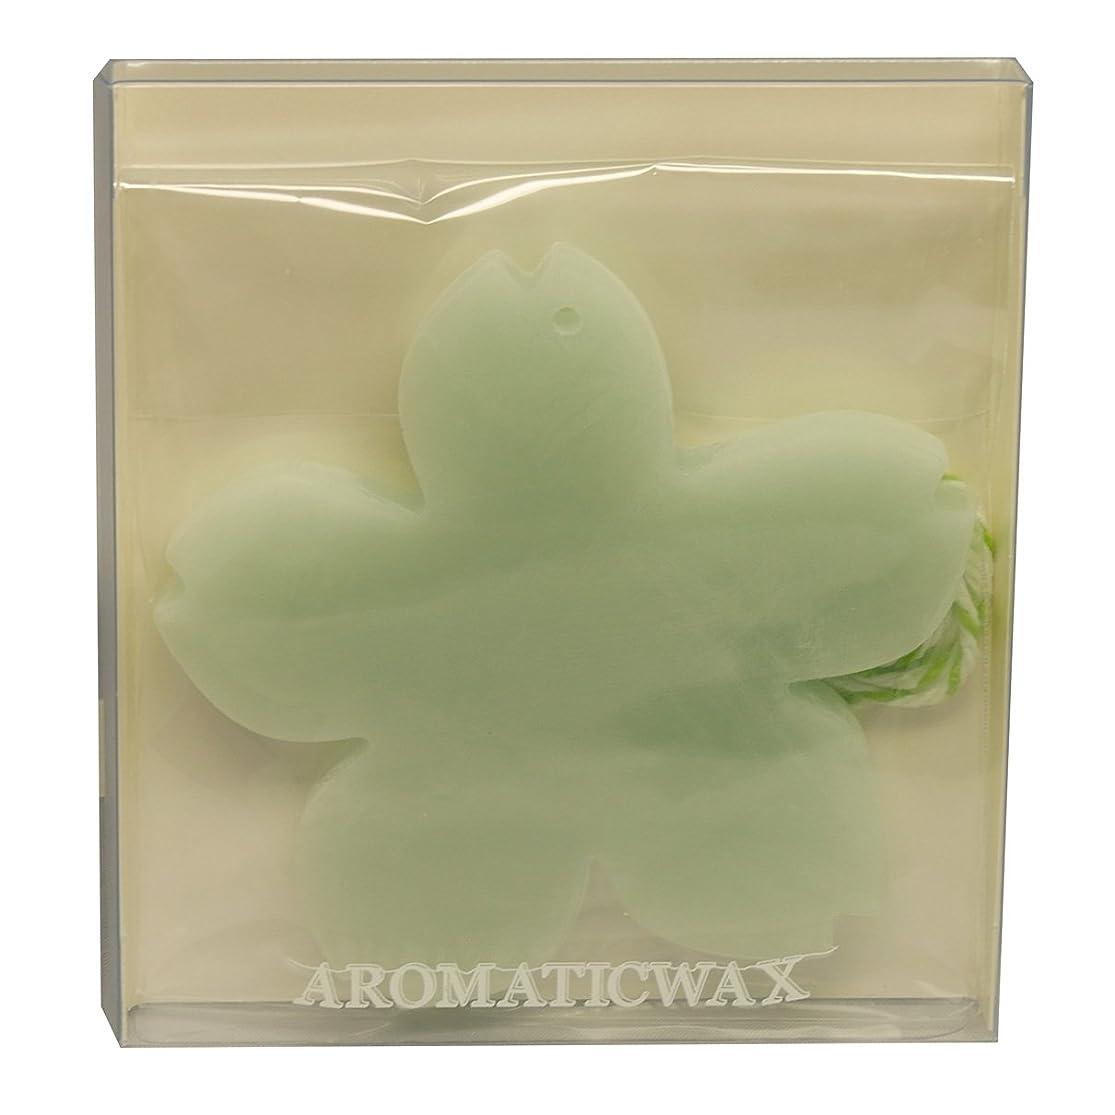 修士号もっといくつかのGRASSE TOKYO AROMATICWAXチャーム「さくら」(GR) レモングラス アロマティックワックス グラーストウキョウ